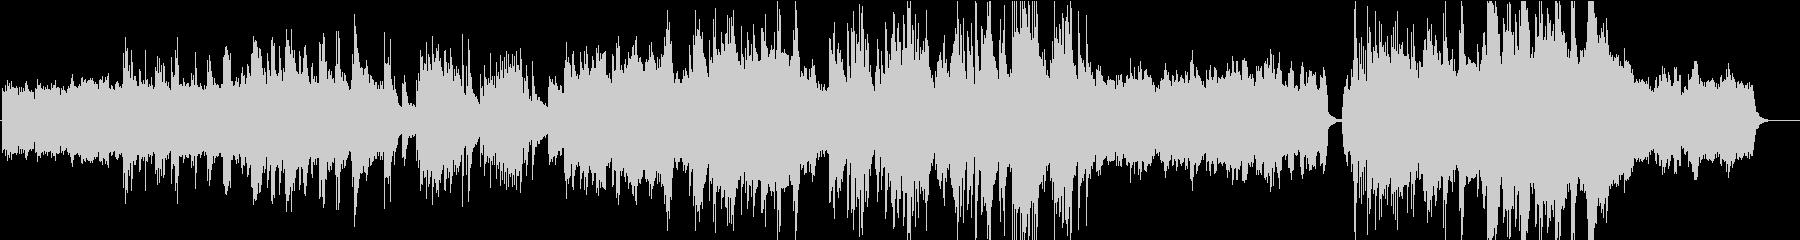 涼しげなヒーリング曲の未再生の波形